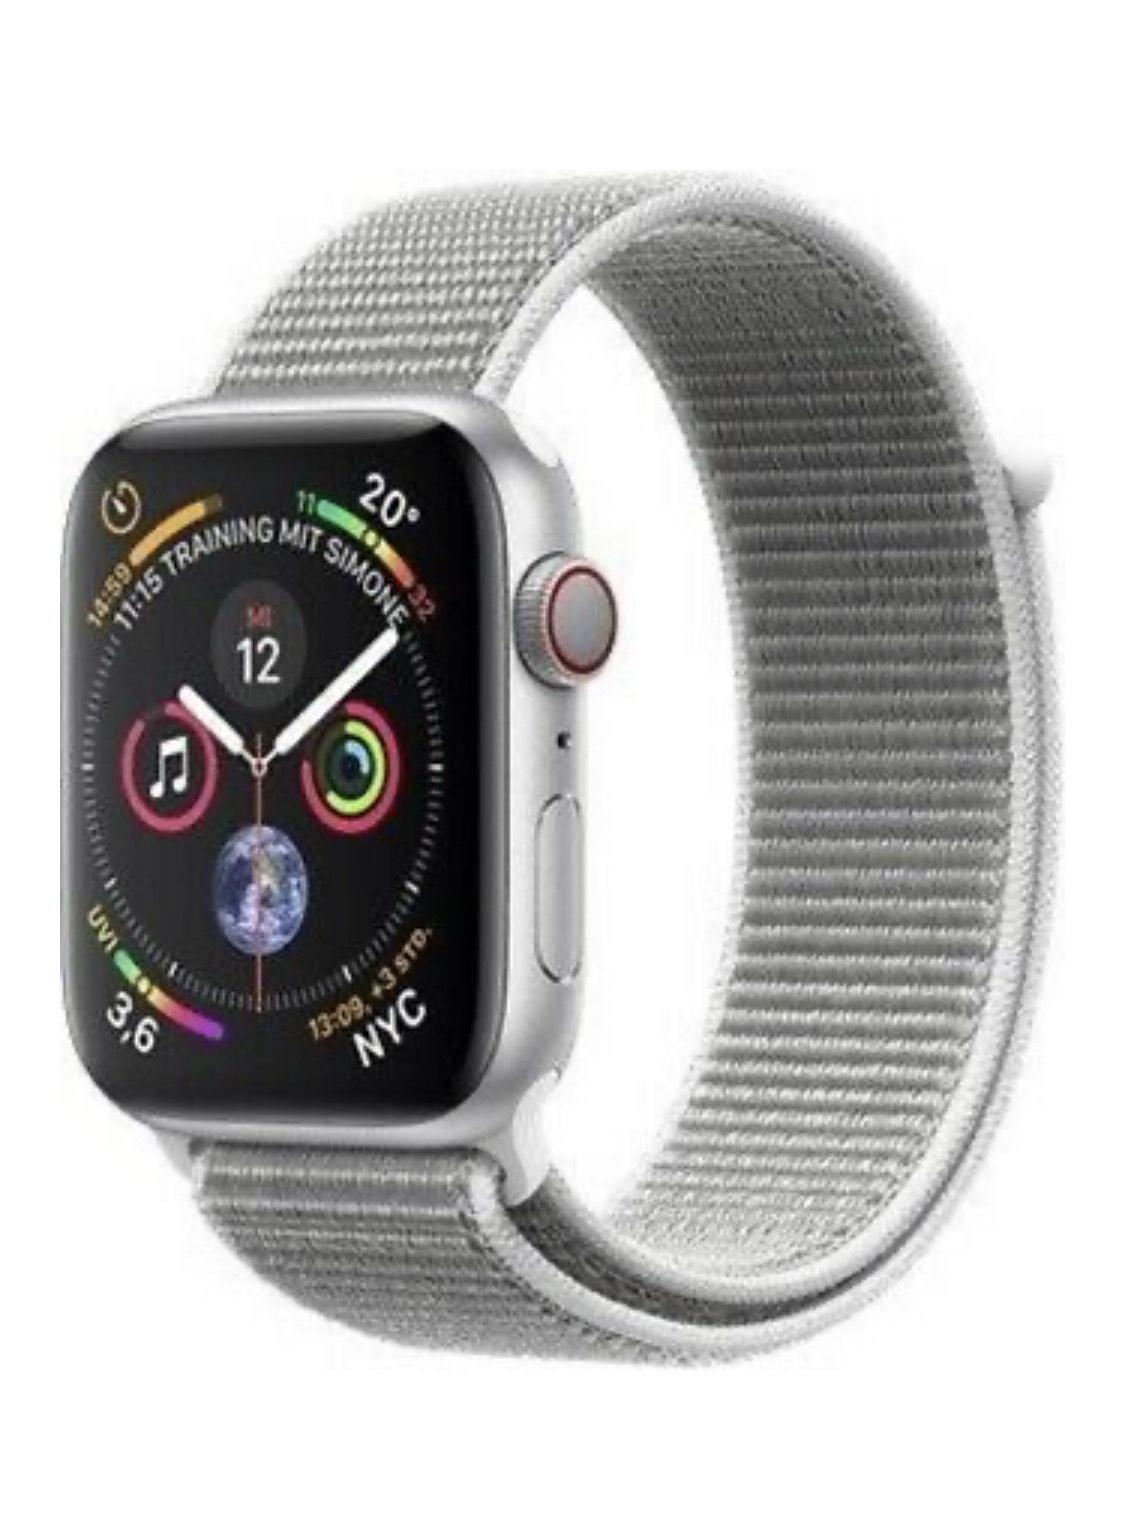 Ebay - Apple Watch 4 LTE 44mm Alu silber Loop sea - DEUTSCHER HÄNDLER - MIT MWST!